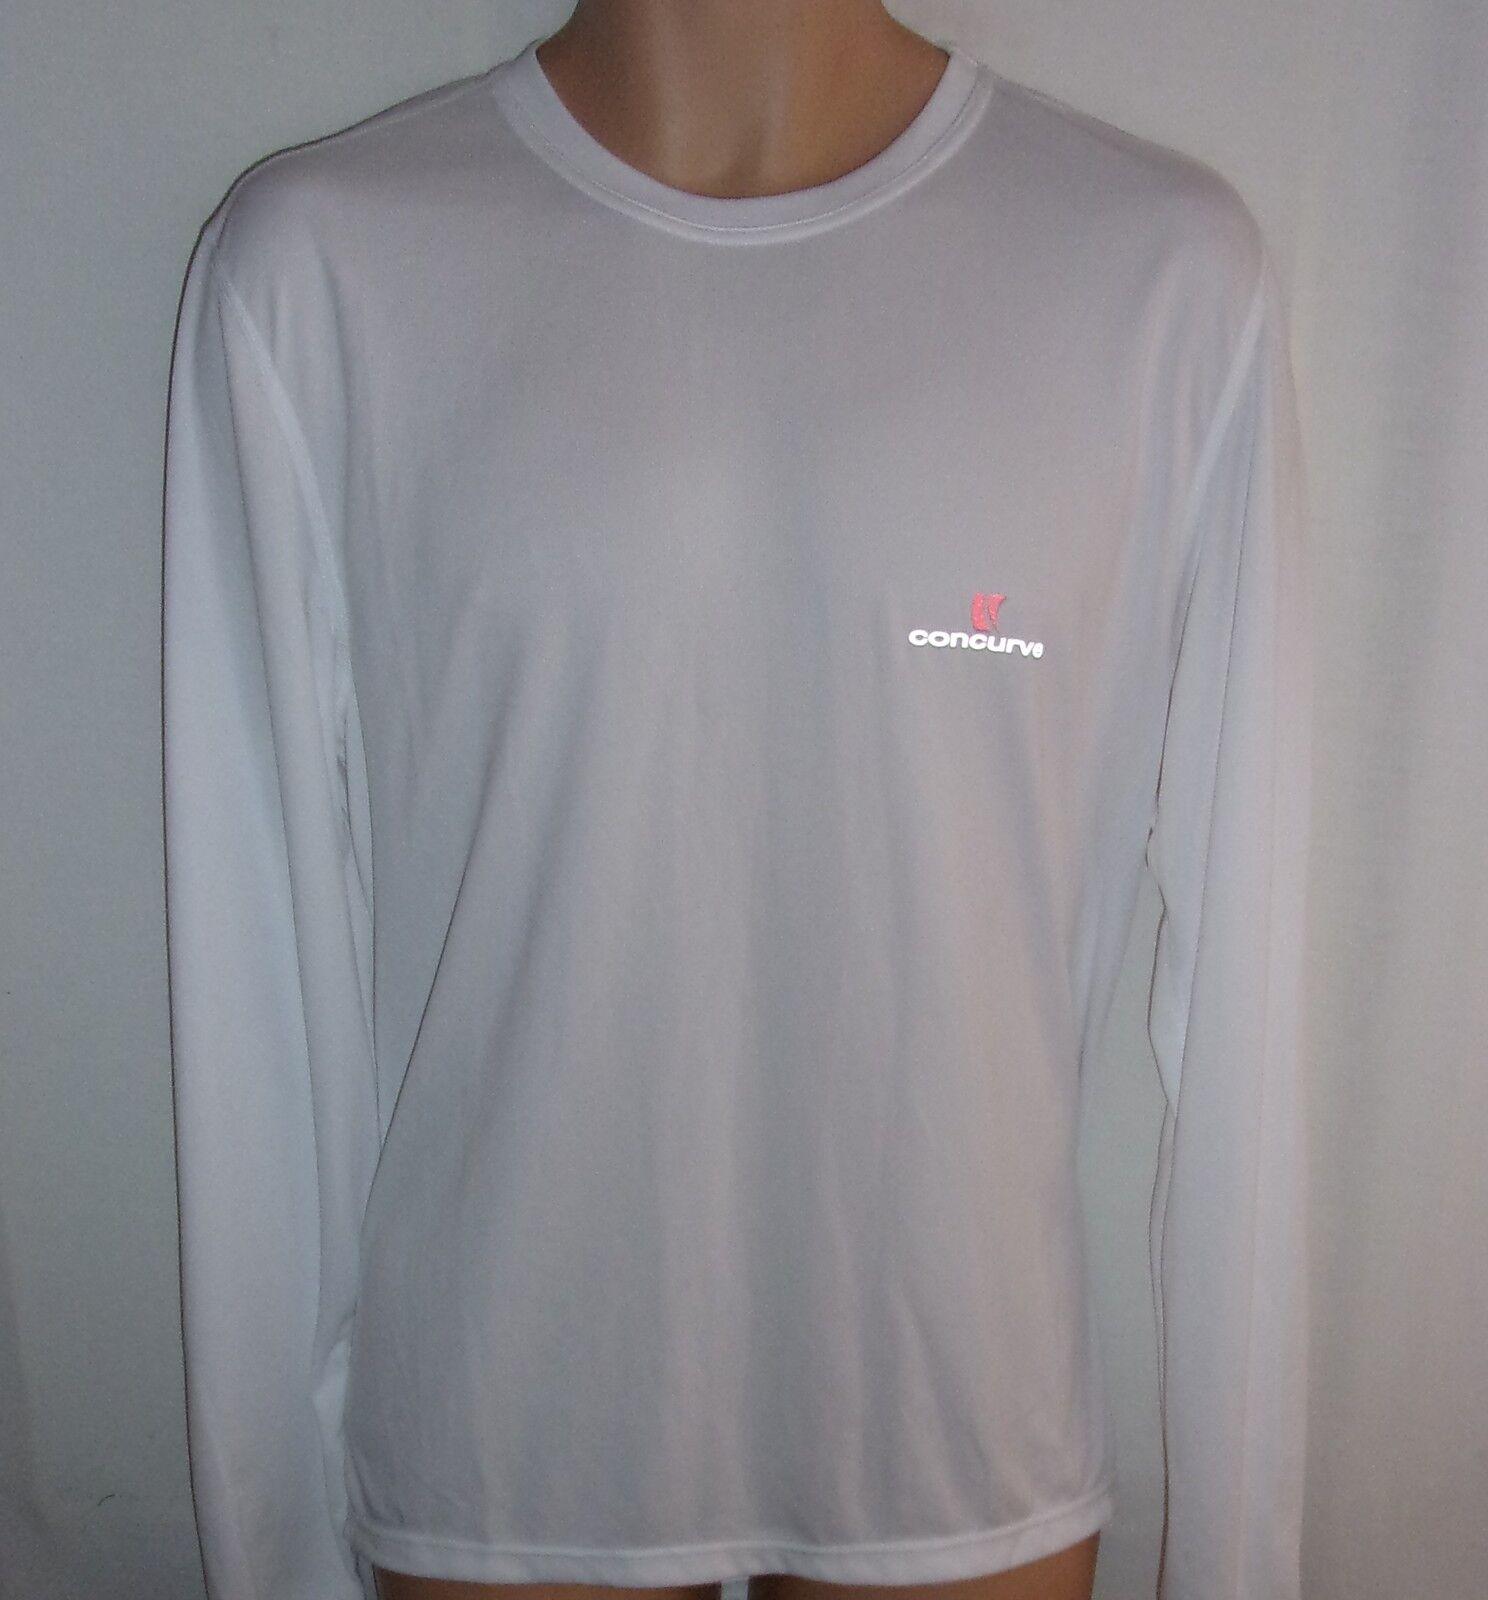 Bnwt haut de la marque course adulte shirts inc etc ron hill, odlo, etc inc £ £ £ tranchée 3eaf0f